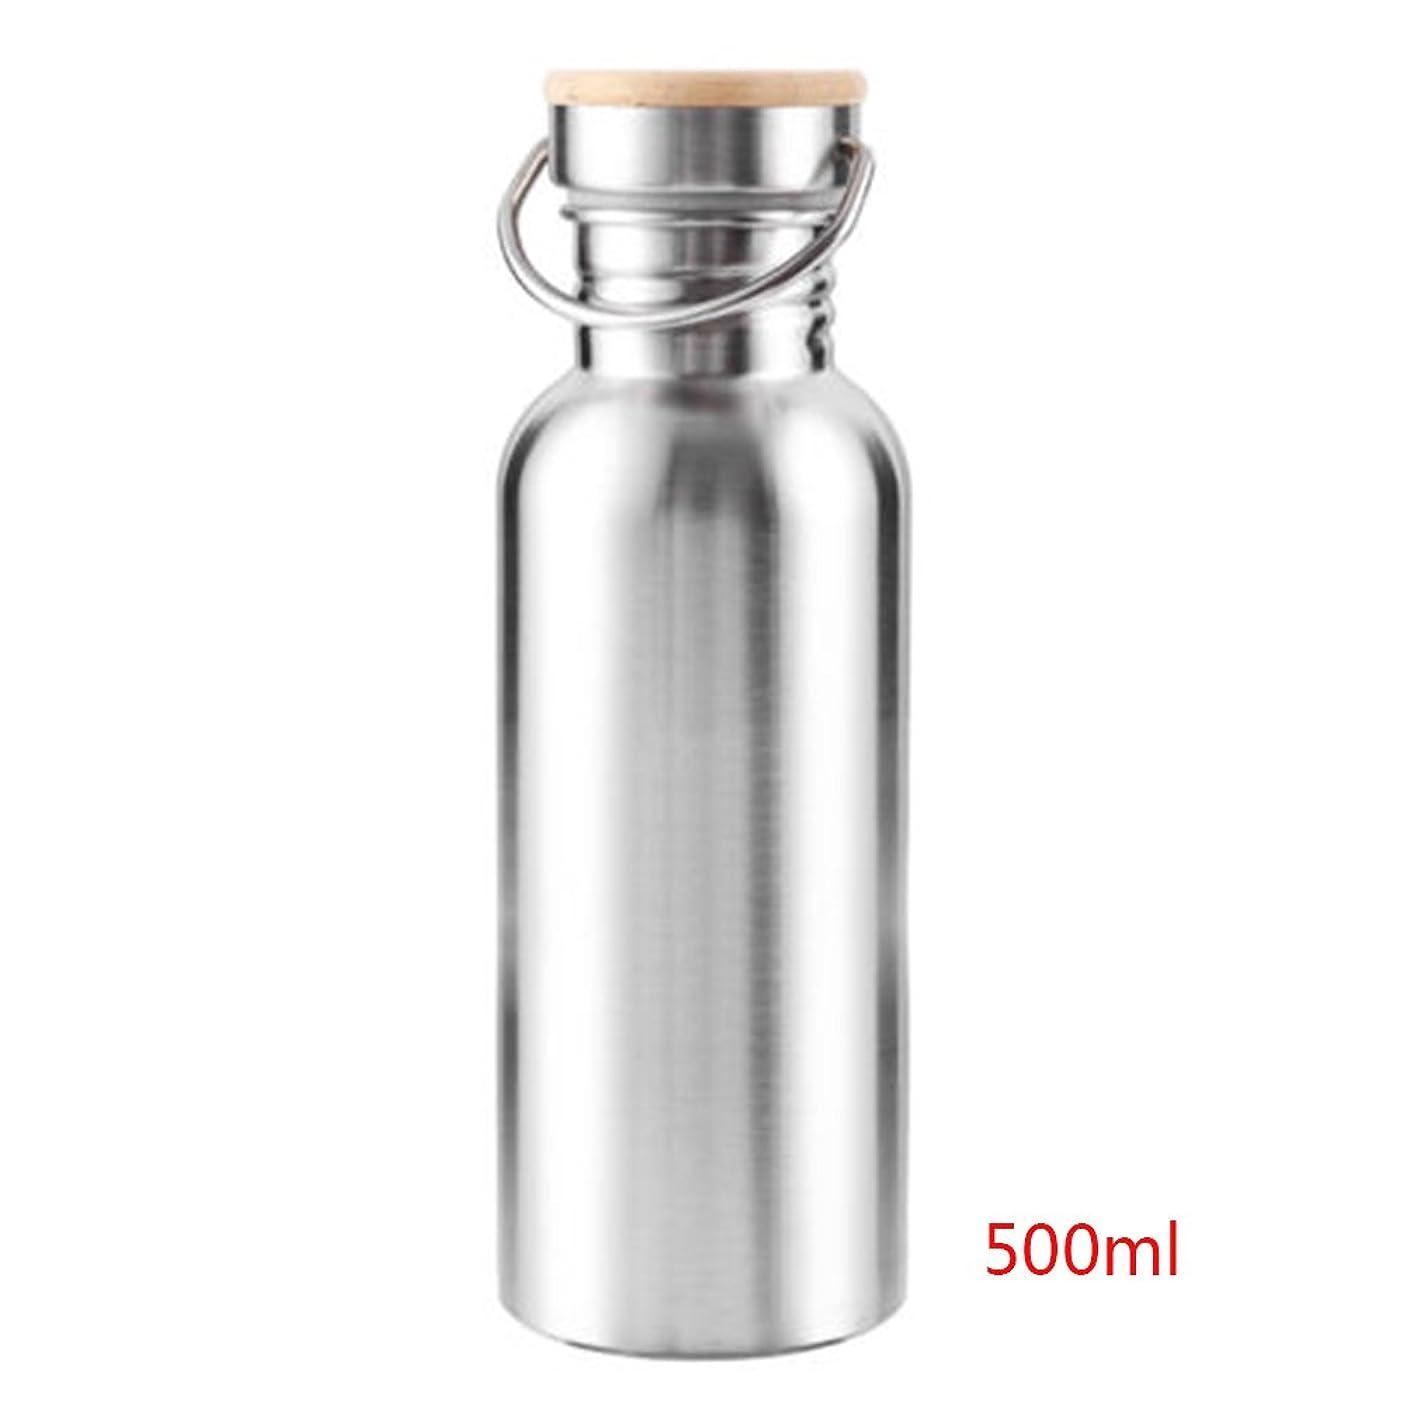 ビジョン有利民兵ステンレス鋼の水のボトル、再利用可能な広い口の水差し、自転車、キャンプ、ランナー、ハイカーやジムのスポーツのための300/500/750ミリリットルスポーツウォーターボトル(500ml銀)